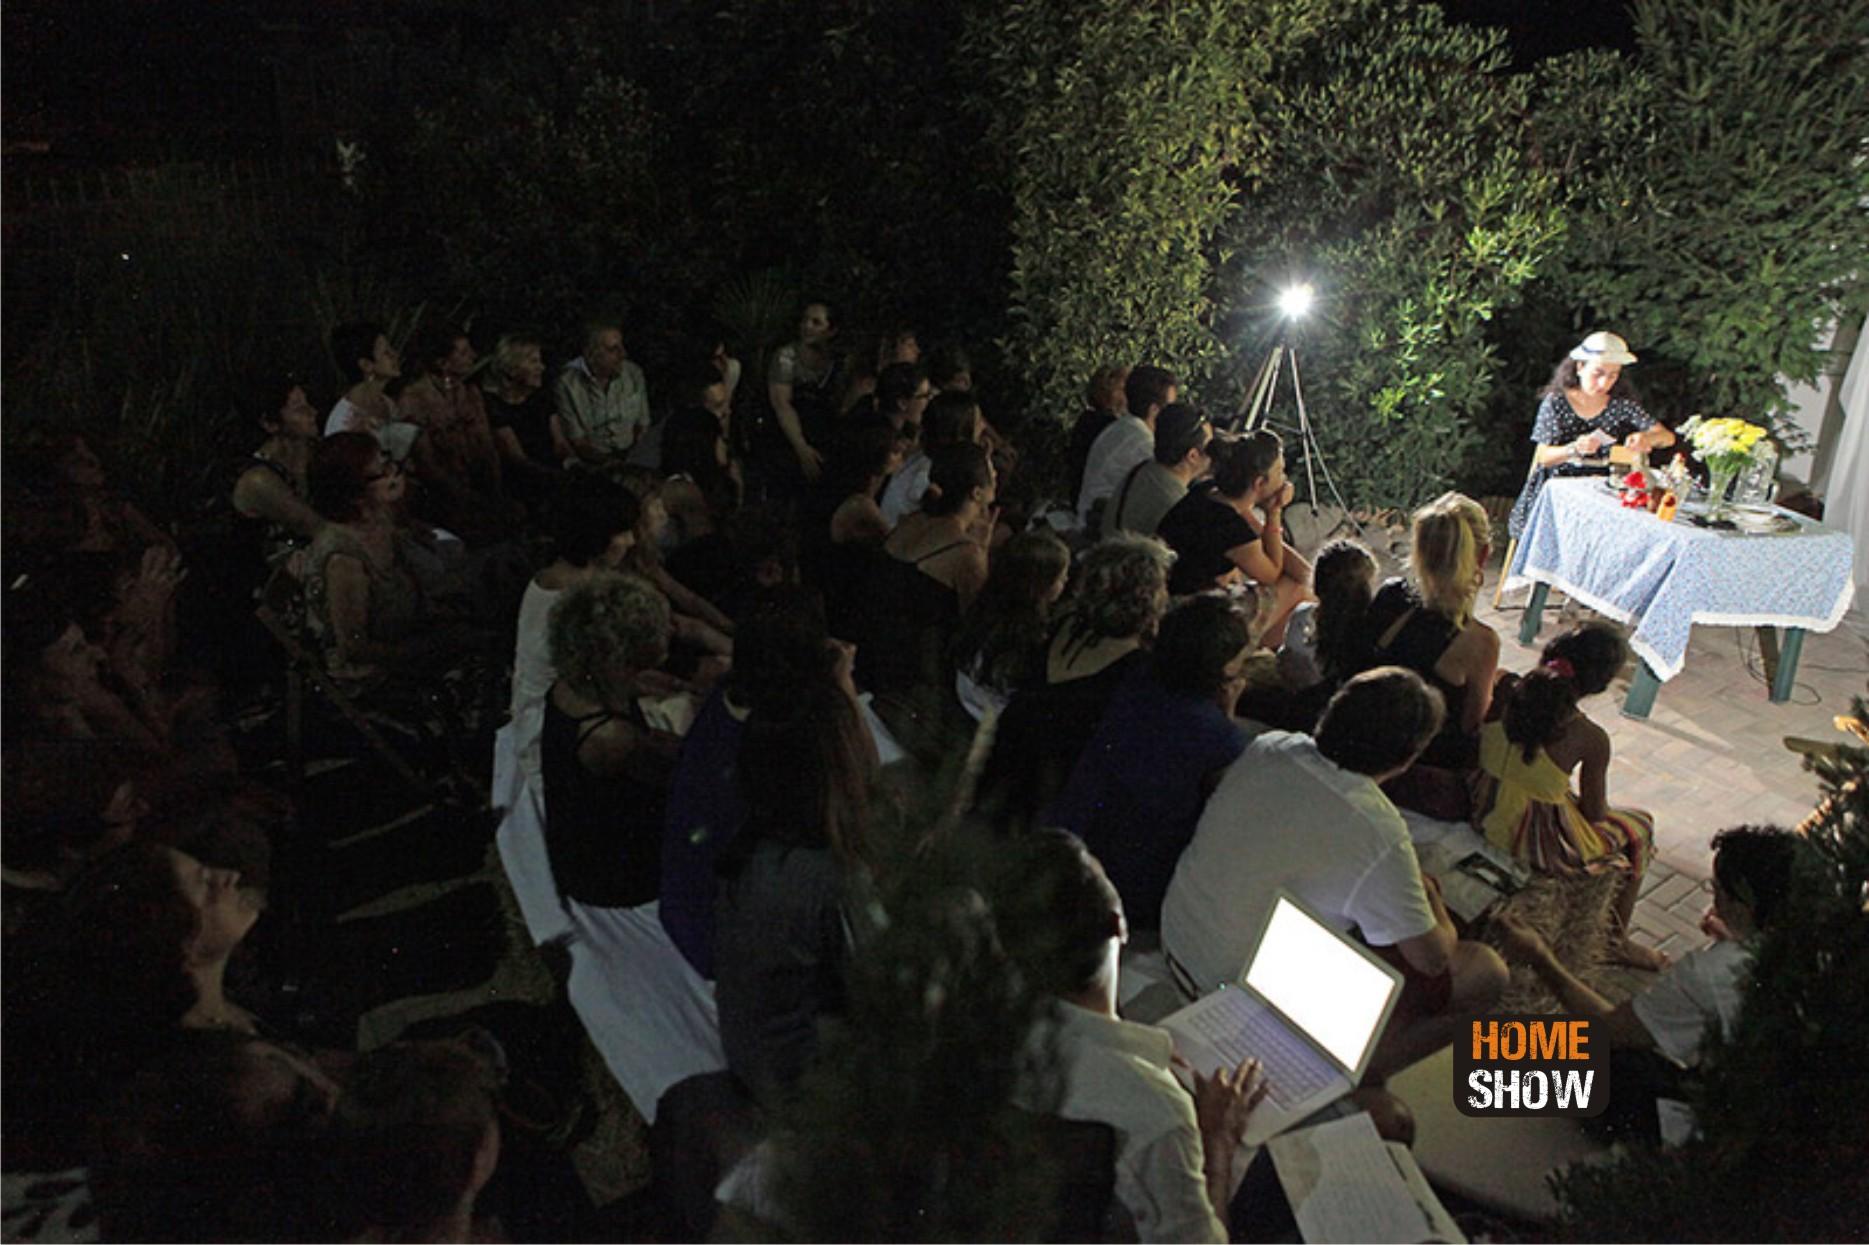 Promofestival - Lo spettacolo a casa tua 9